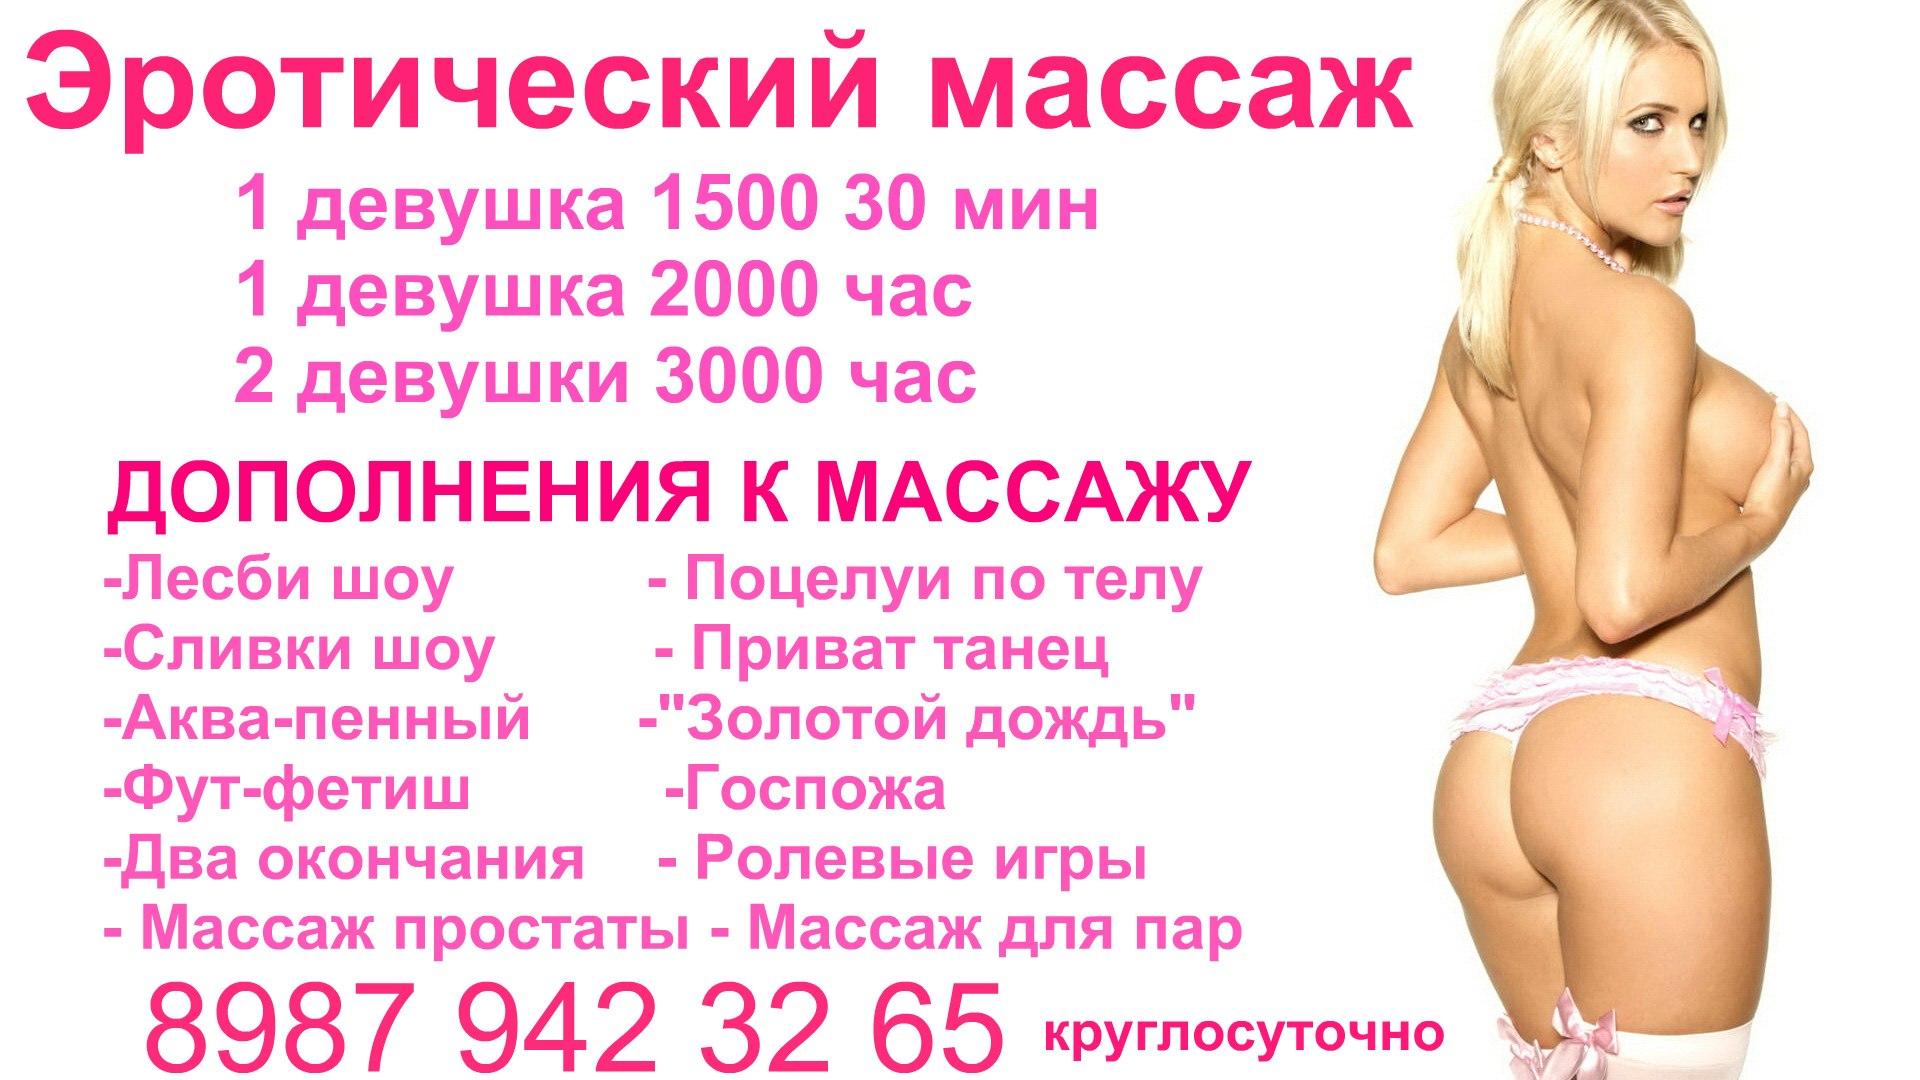 eroticheskiy-massazh-samara-chastnie-obyavleniya